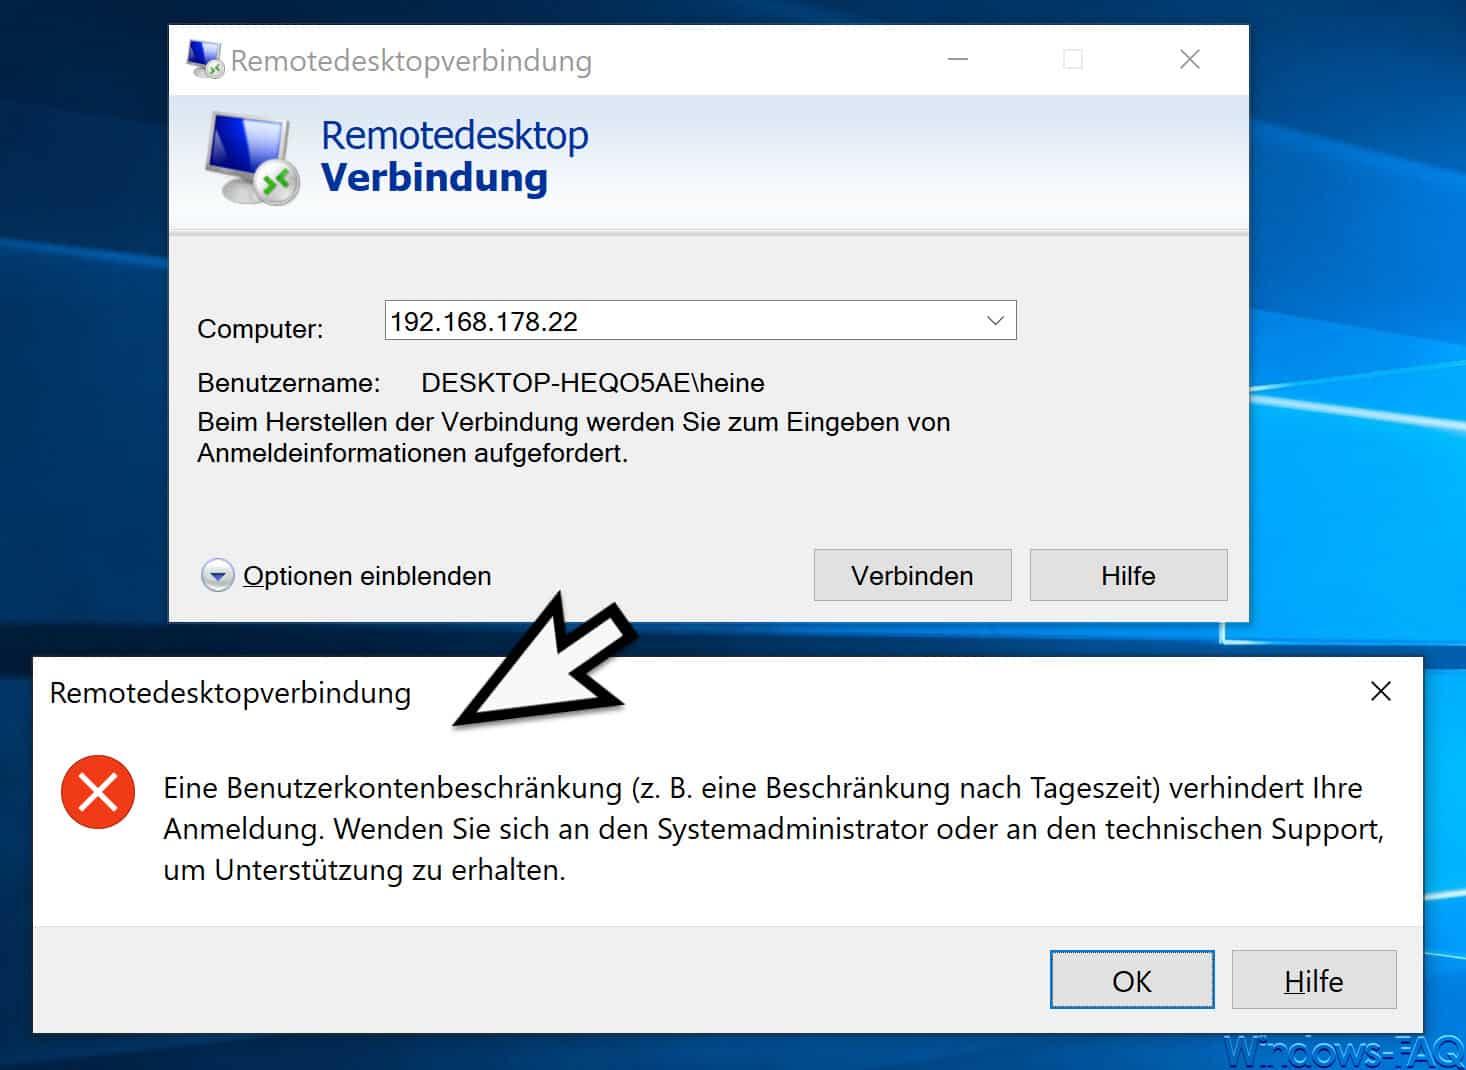 Eine Benutzerkontenbeschränkung verhindert Ihre Anmeldung